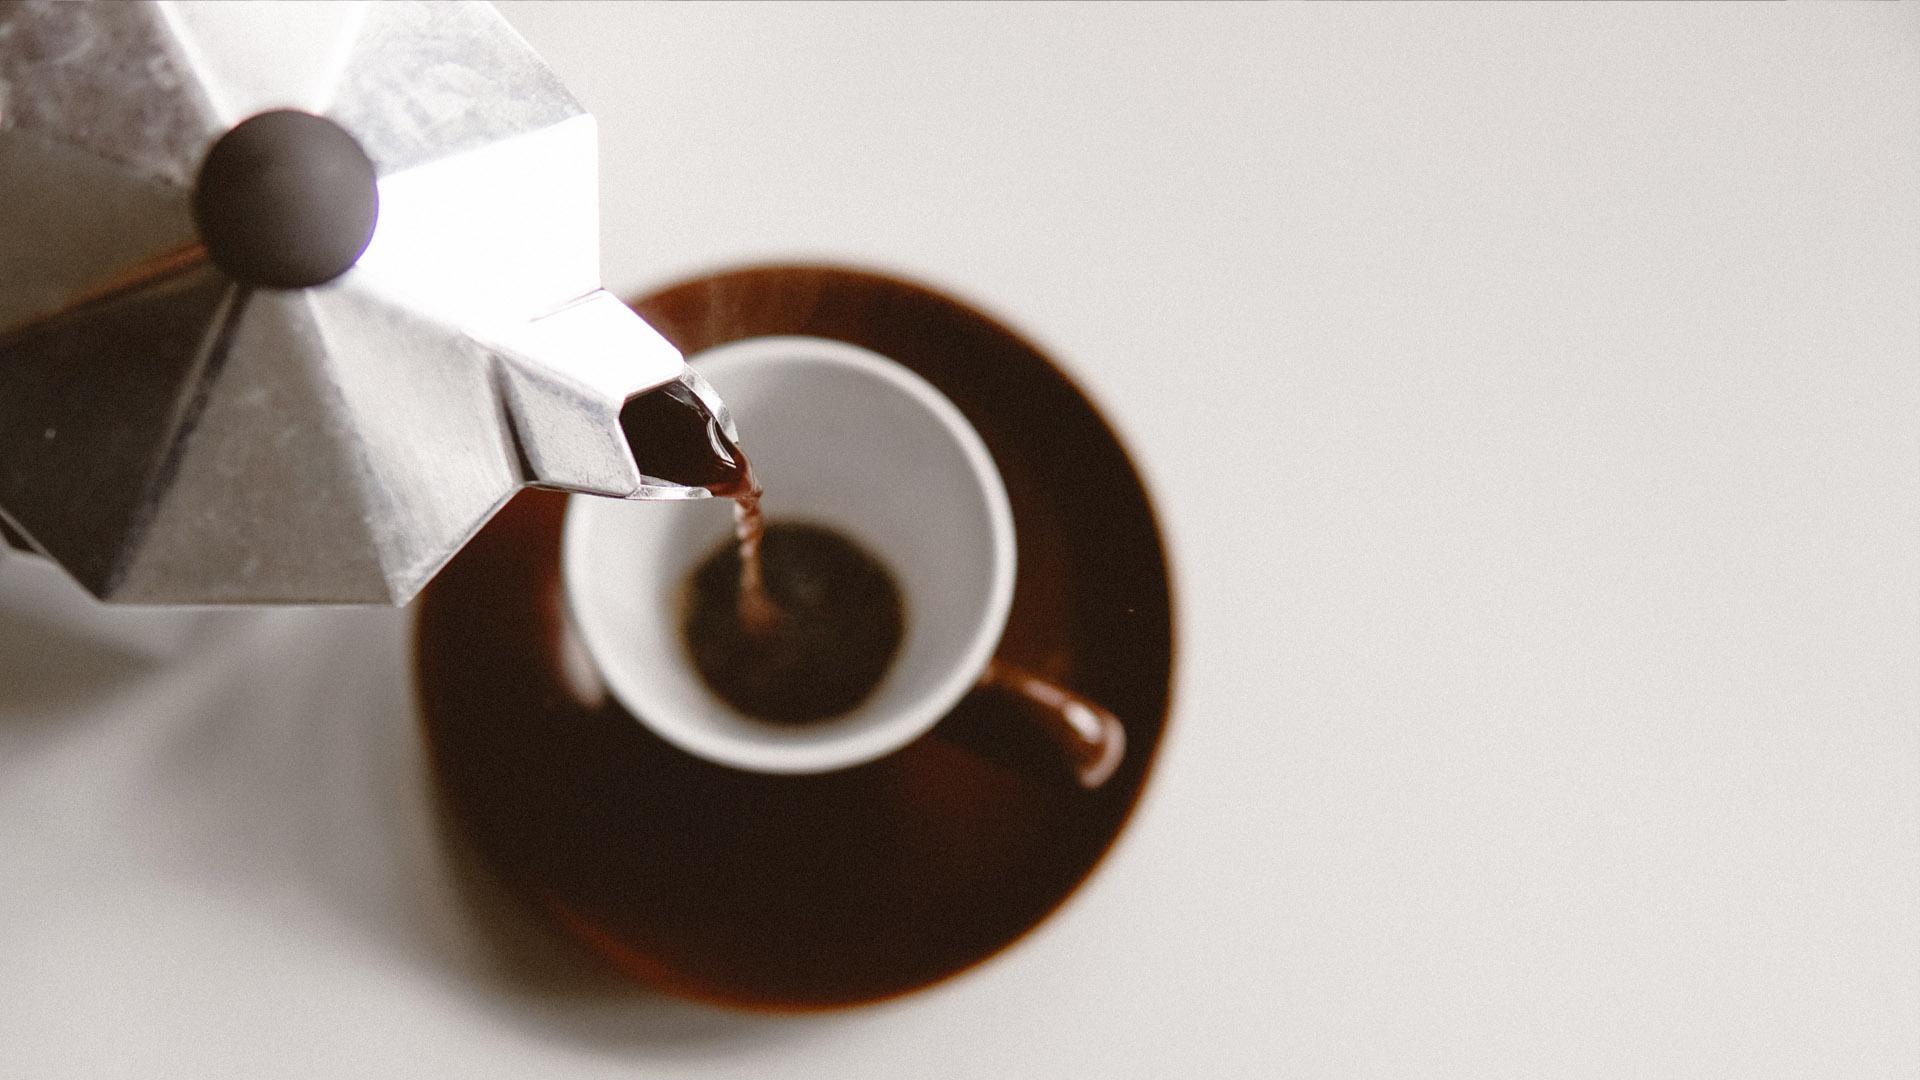 Come preparare un caffè perfetto con la moka: i segreti della tradizione